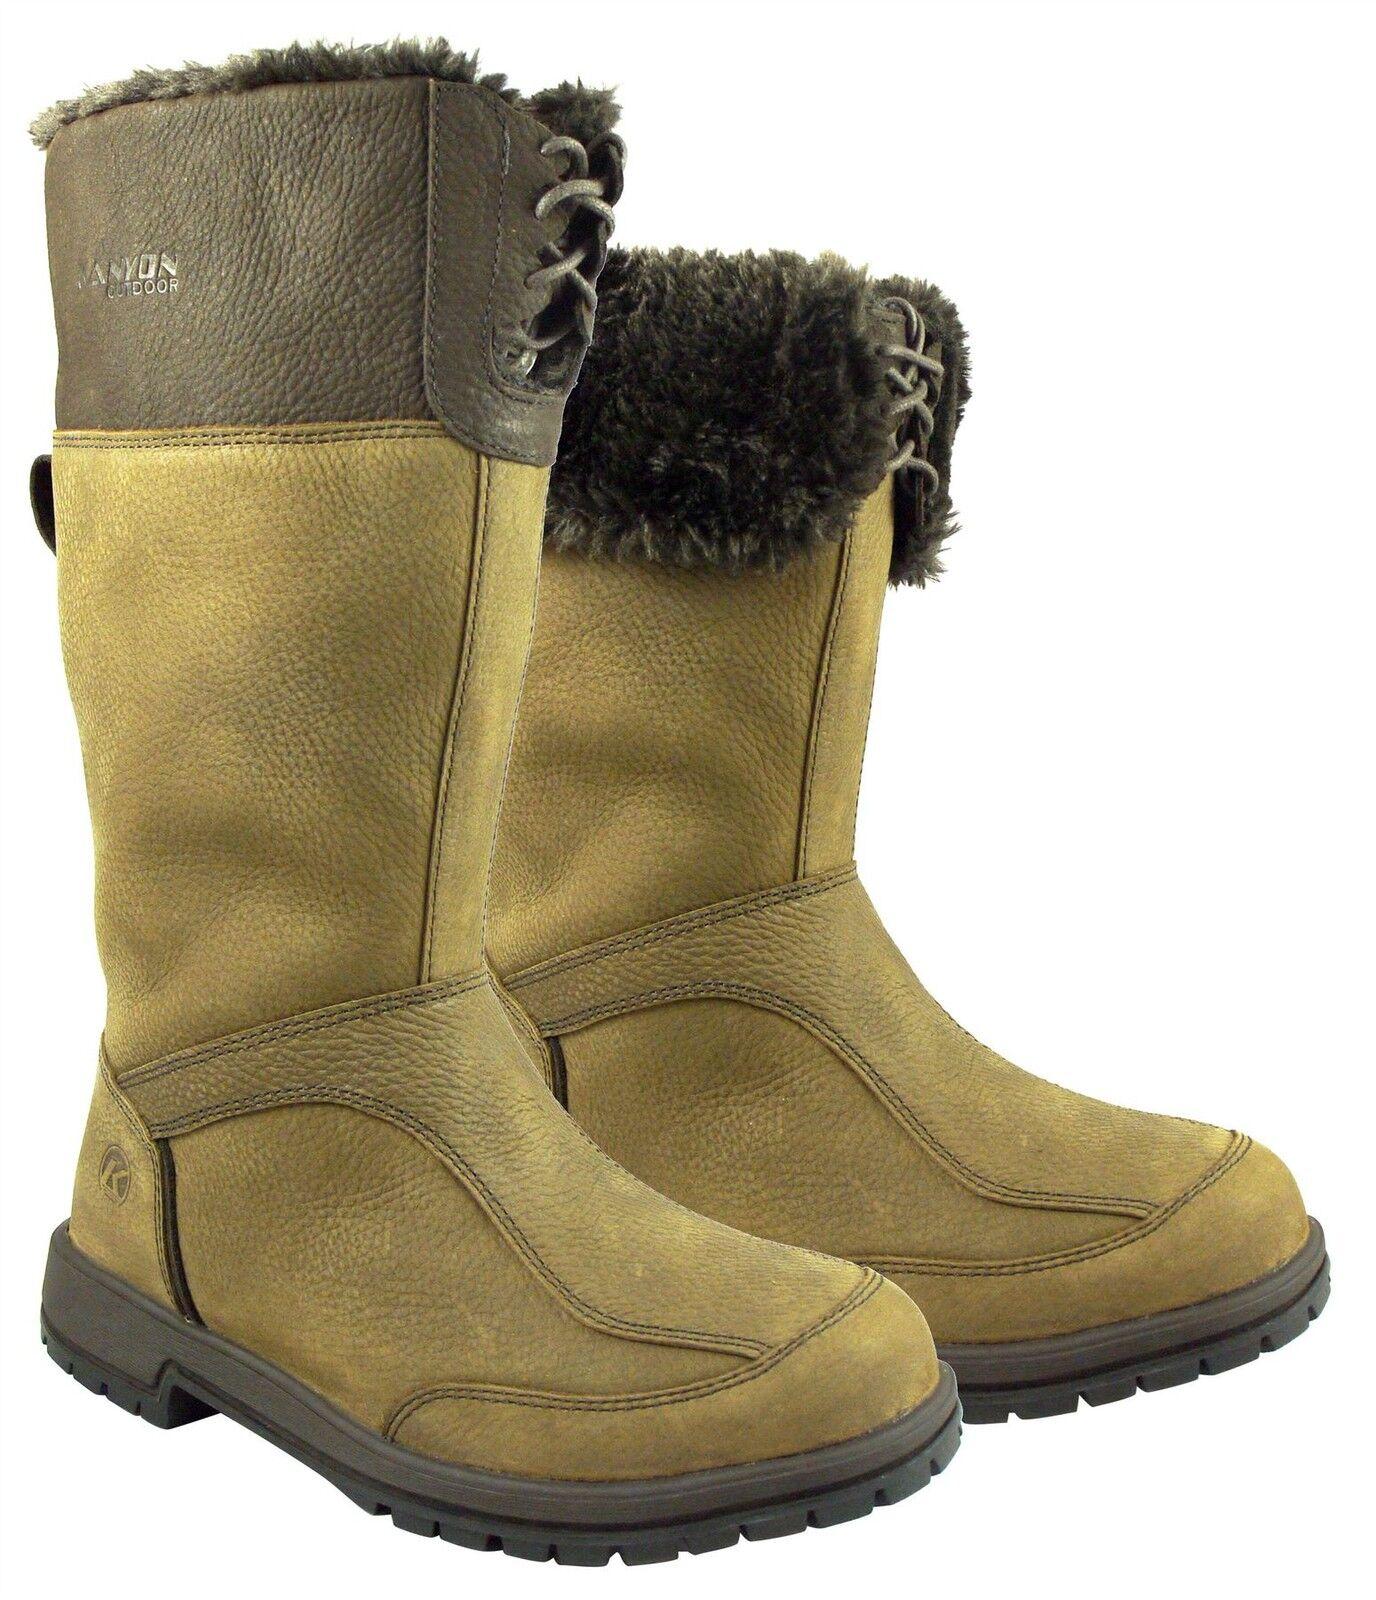 Señoras Kanyon Aliso Mid país botas Impermeable Equitación Patio botas Mucker